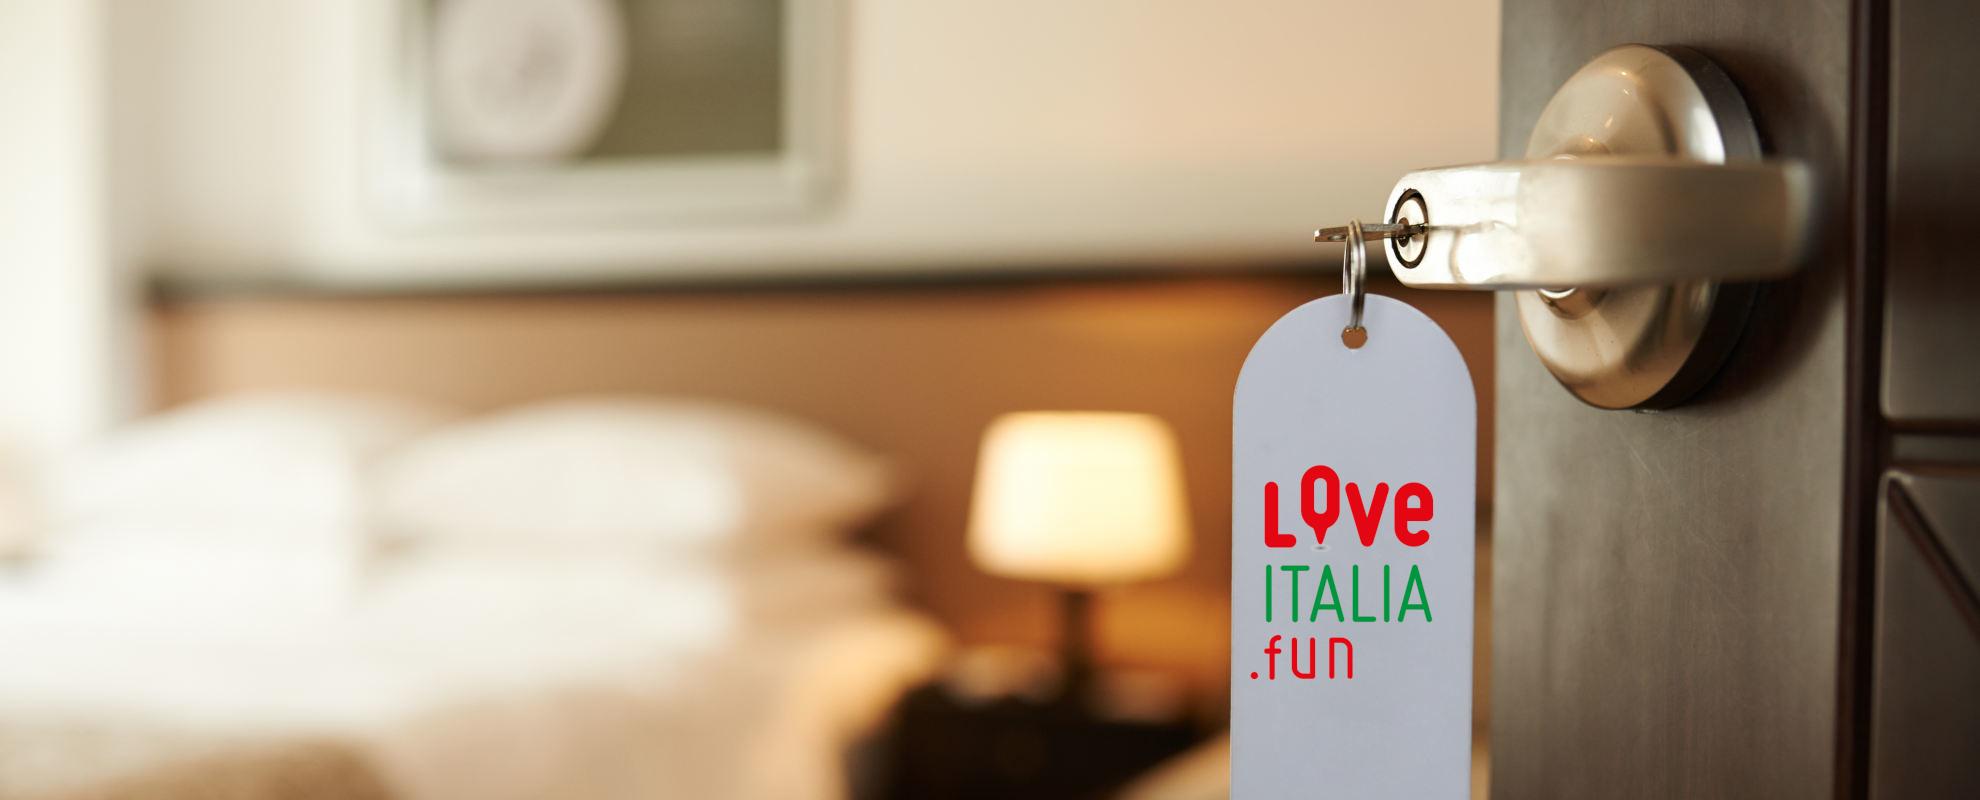 dormire love italia fun